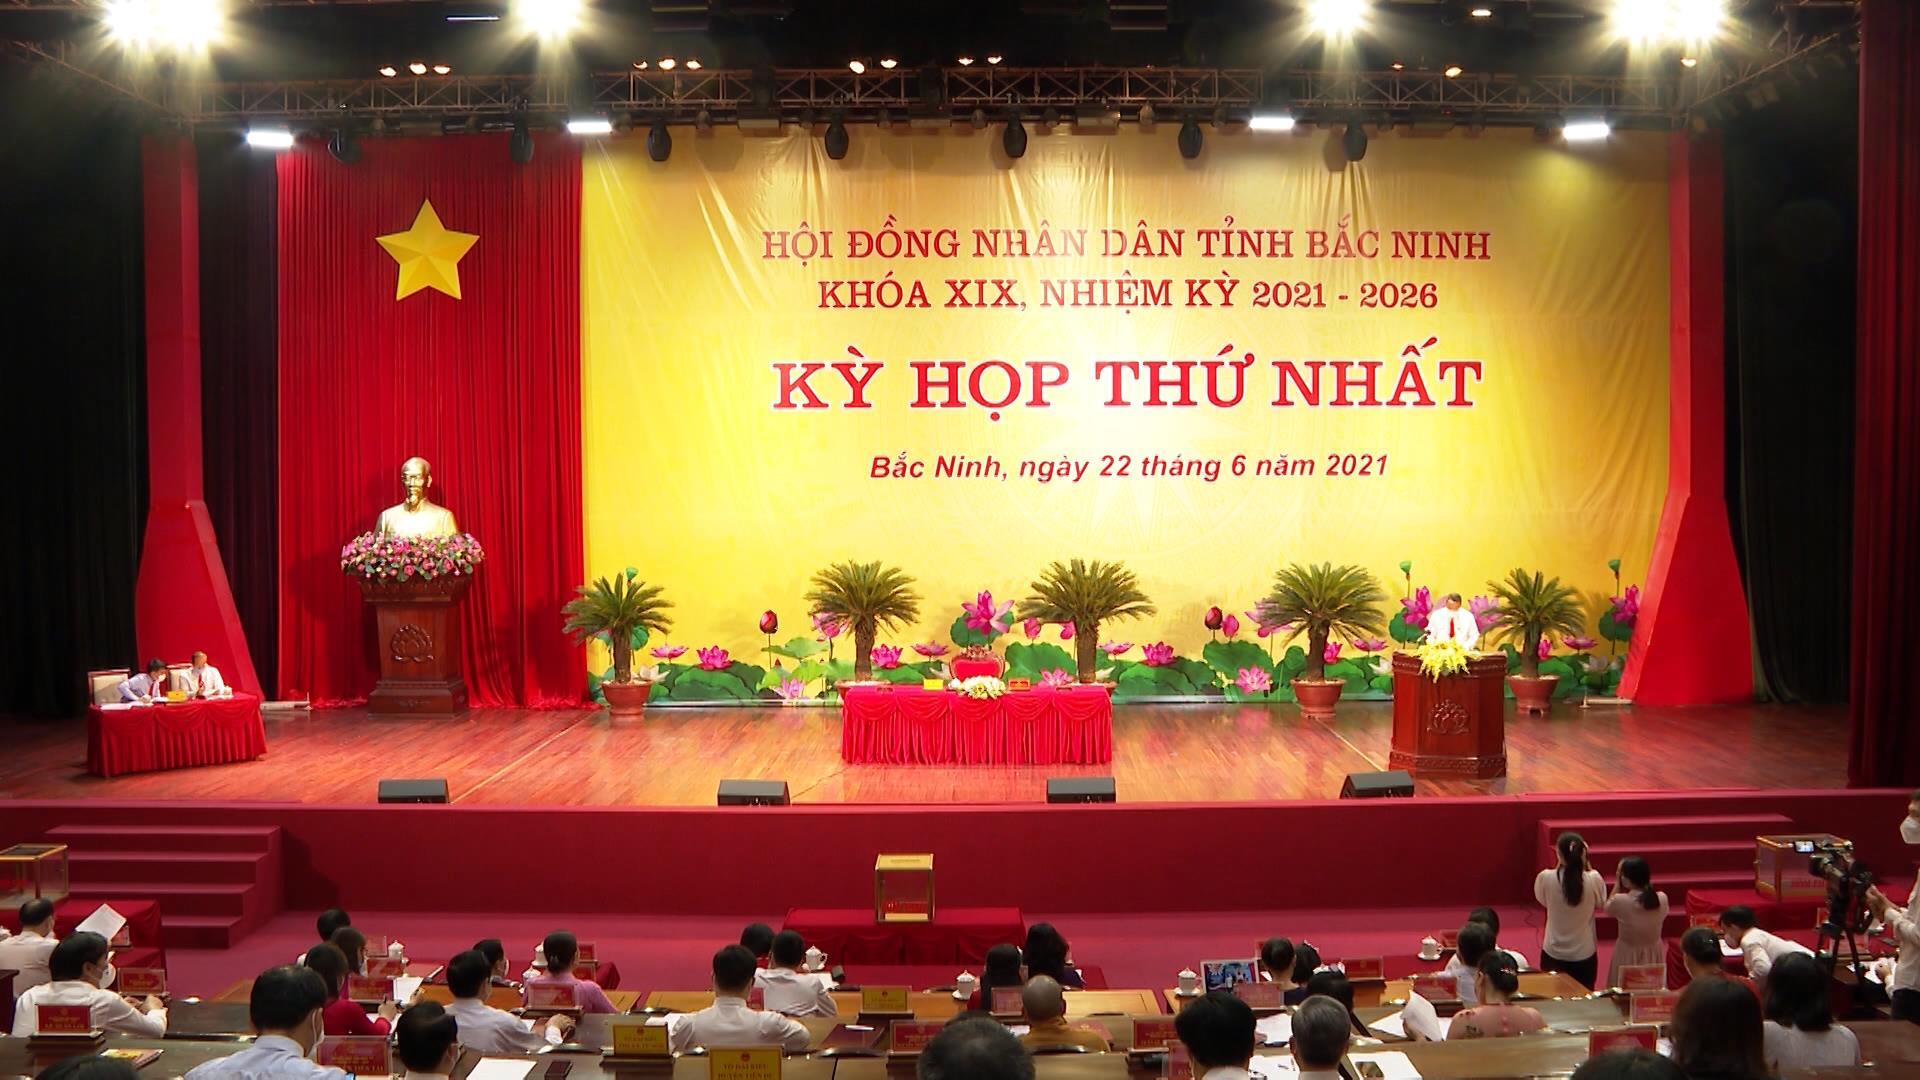 HĐND tỉnh Bắc Ninh khoá 19, niềm tin và kỳ vọng